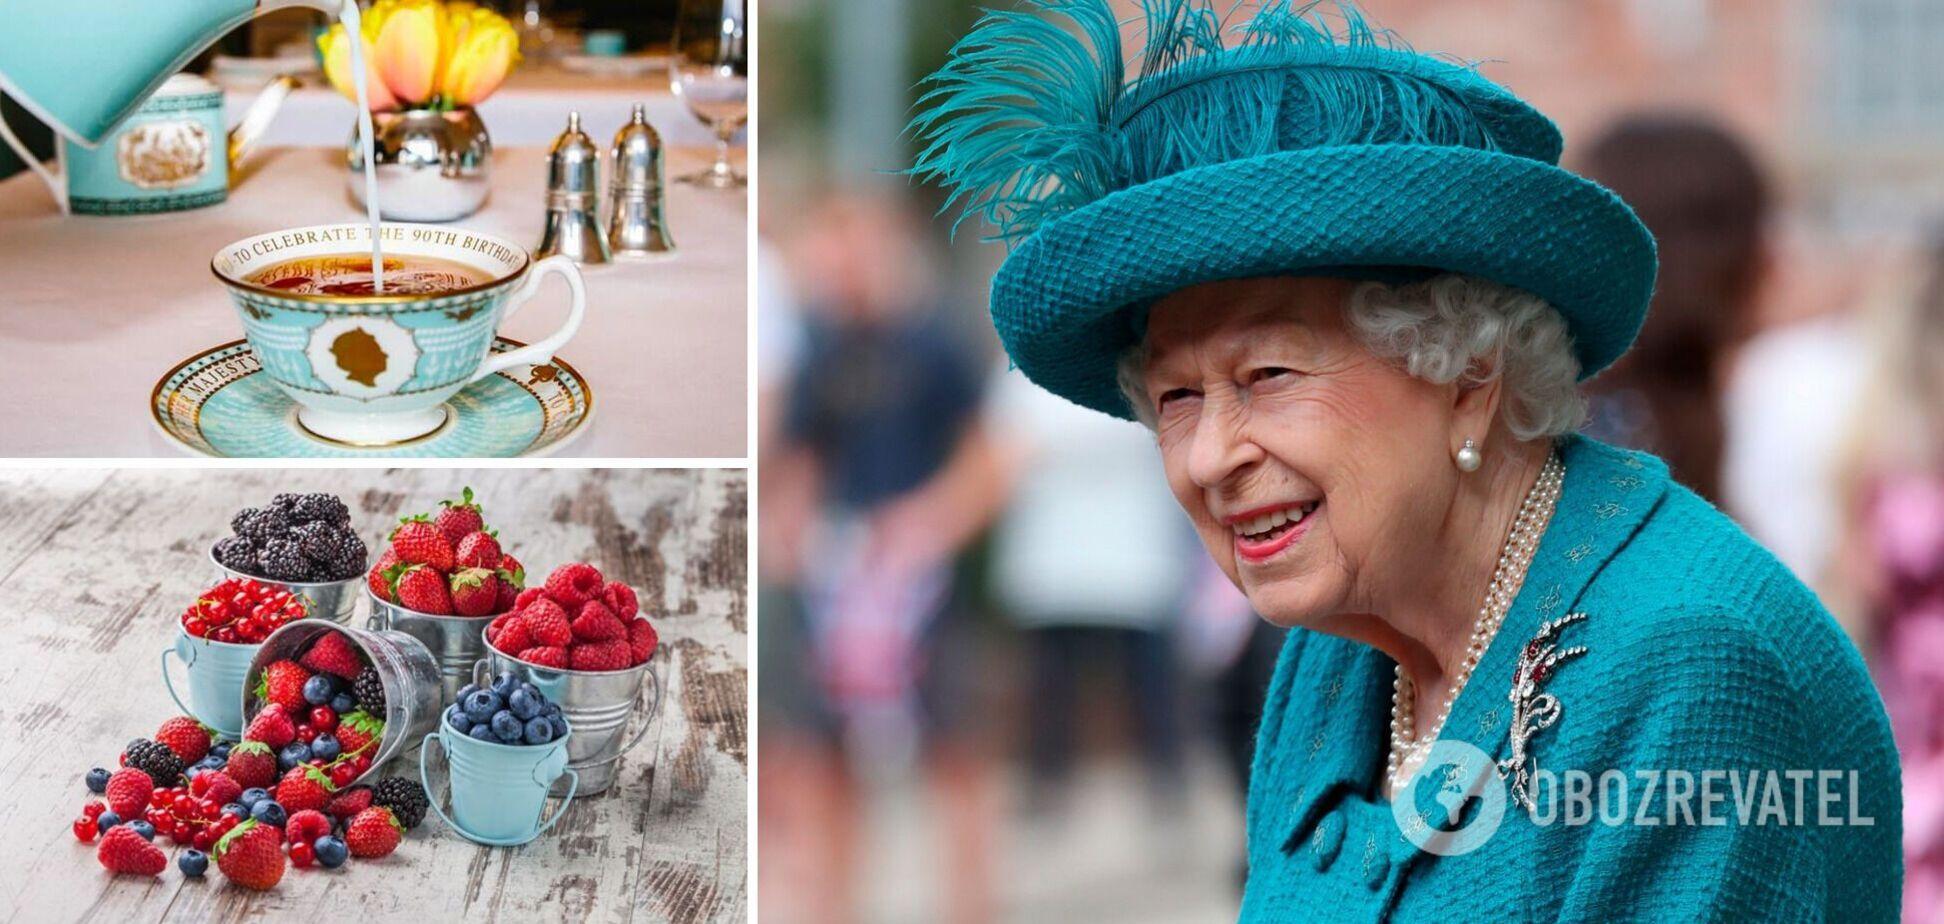 Королева Єлизавета ІІ має свої харчові звички і традиції